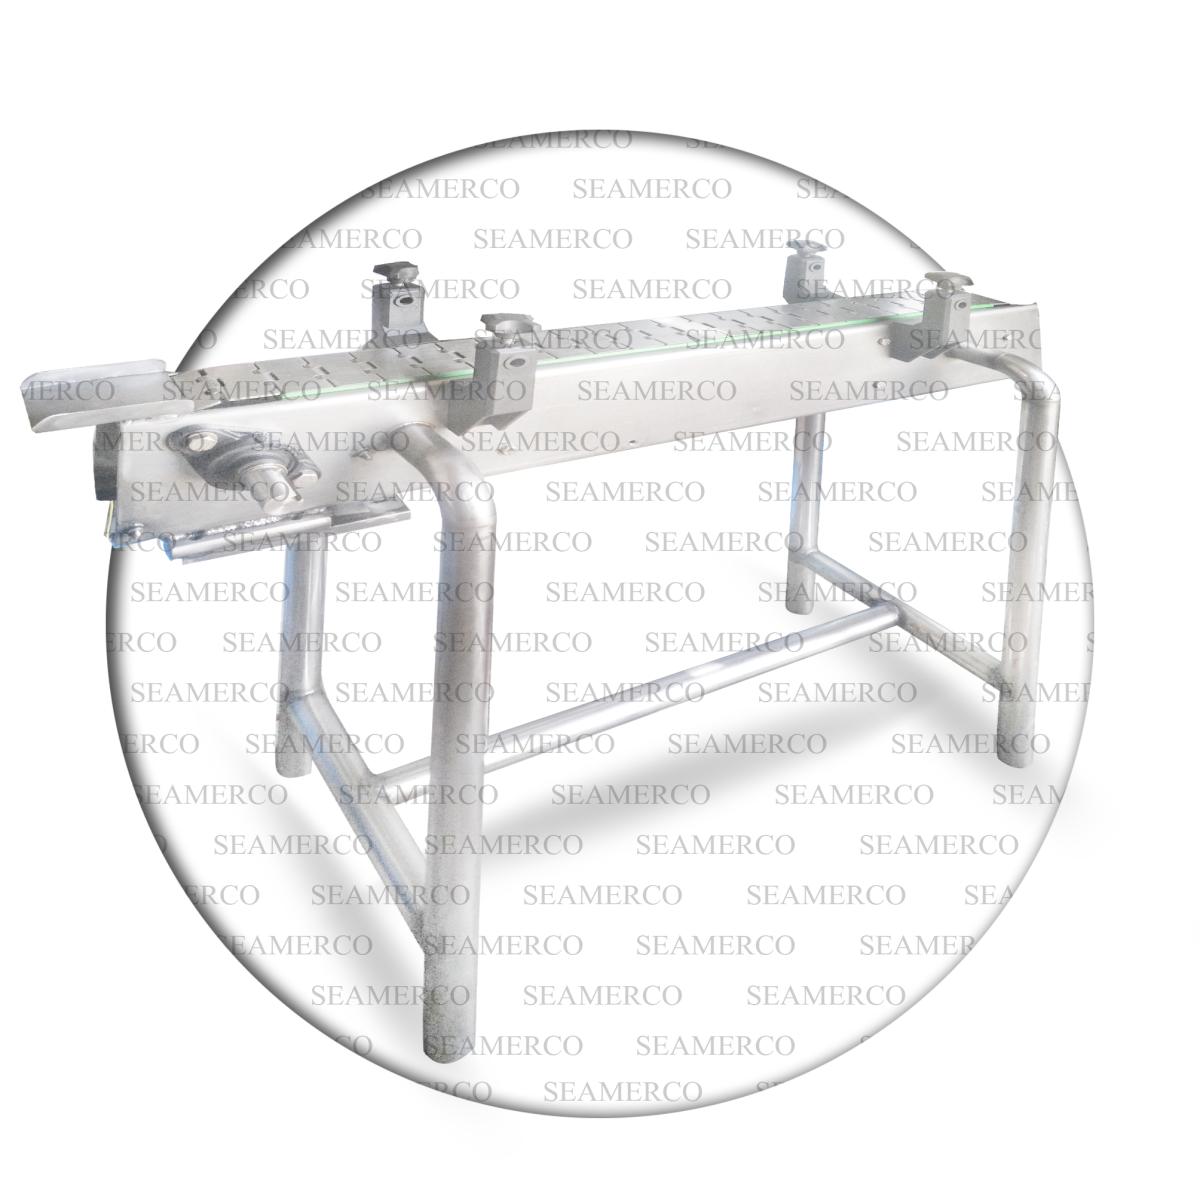 نوار ترانسپورت جهت جابجائی و انتقال مواد و محصول بین ماشین آلات استفاده می شود .